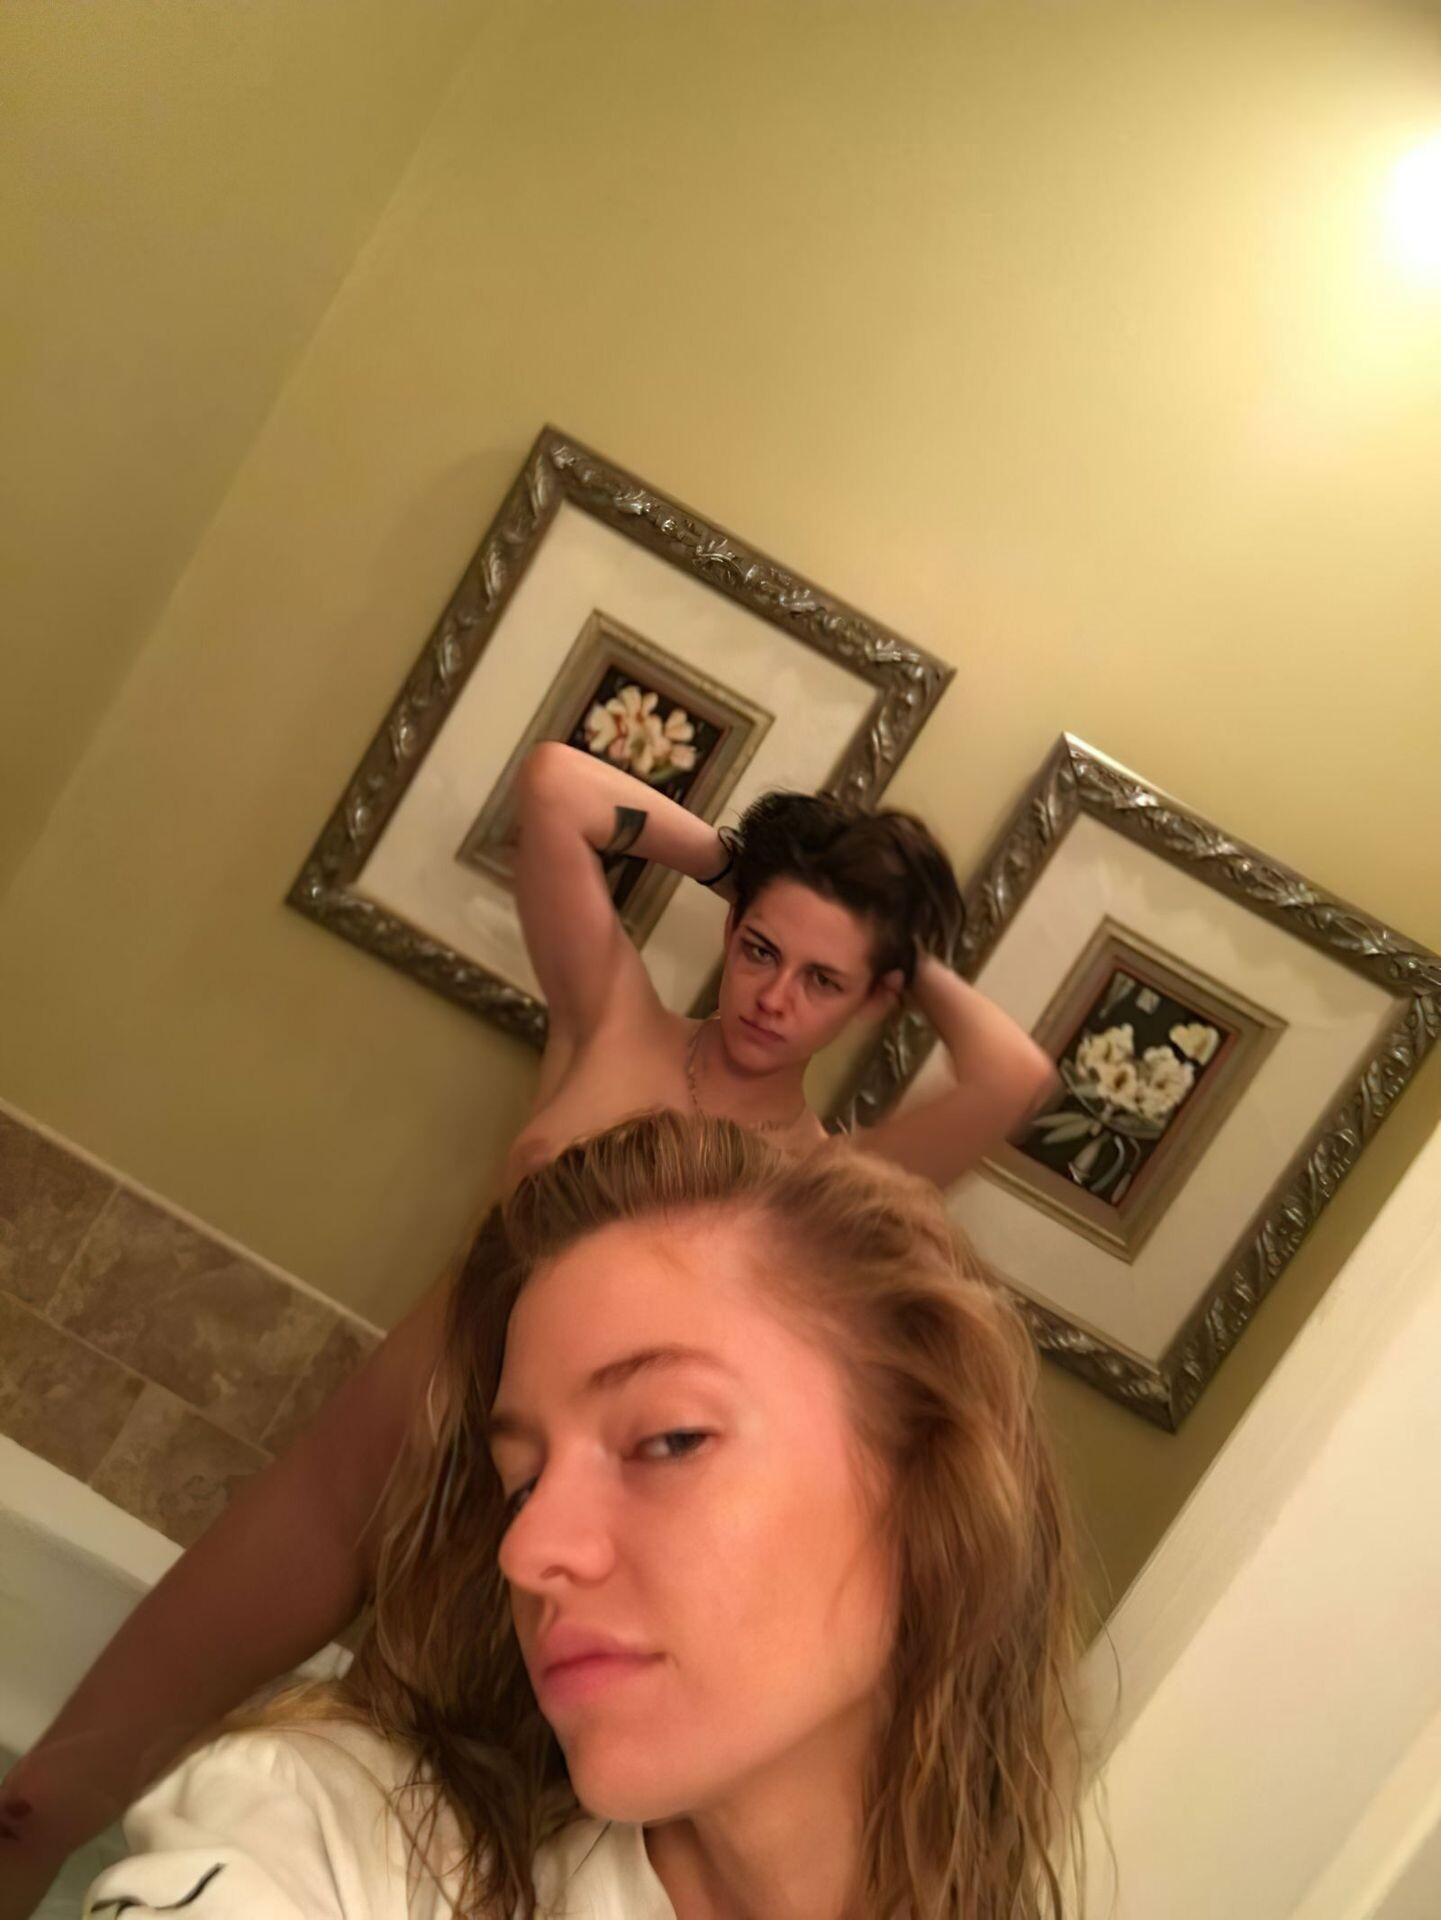 Kristen Stewart Nude Leaked 169 fappenings.com